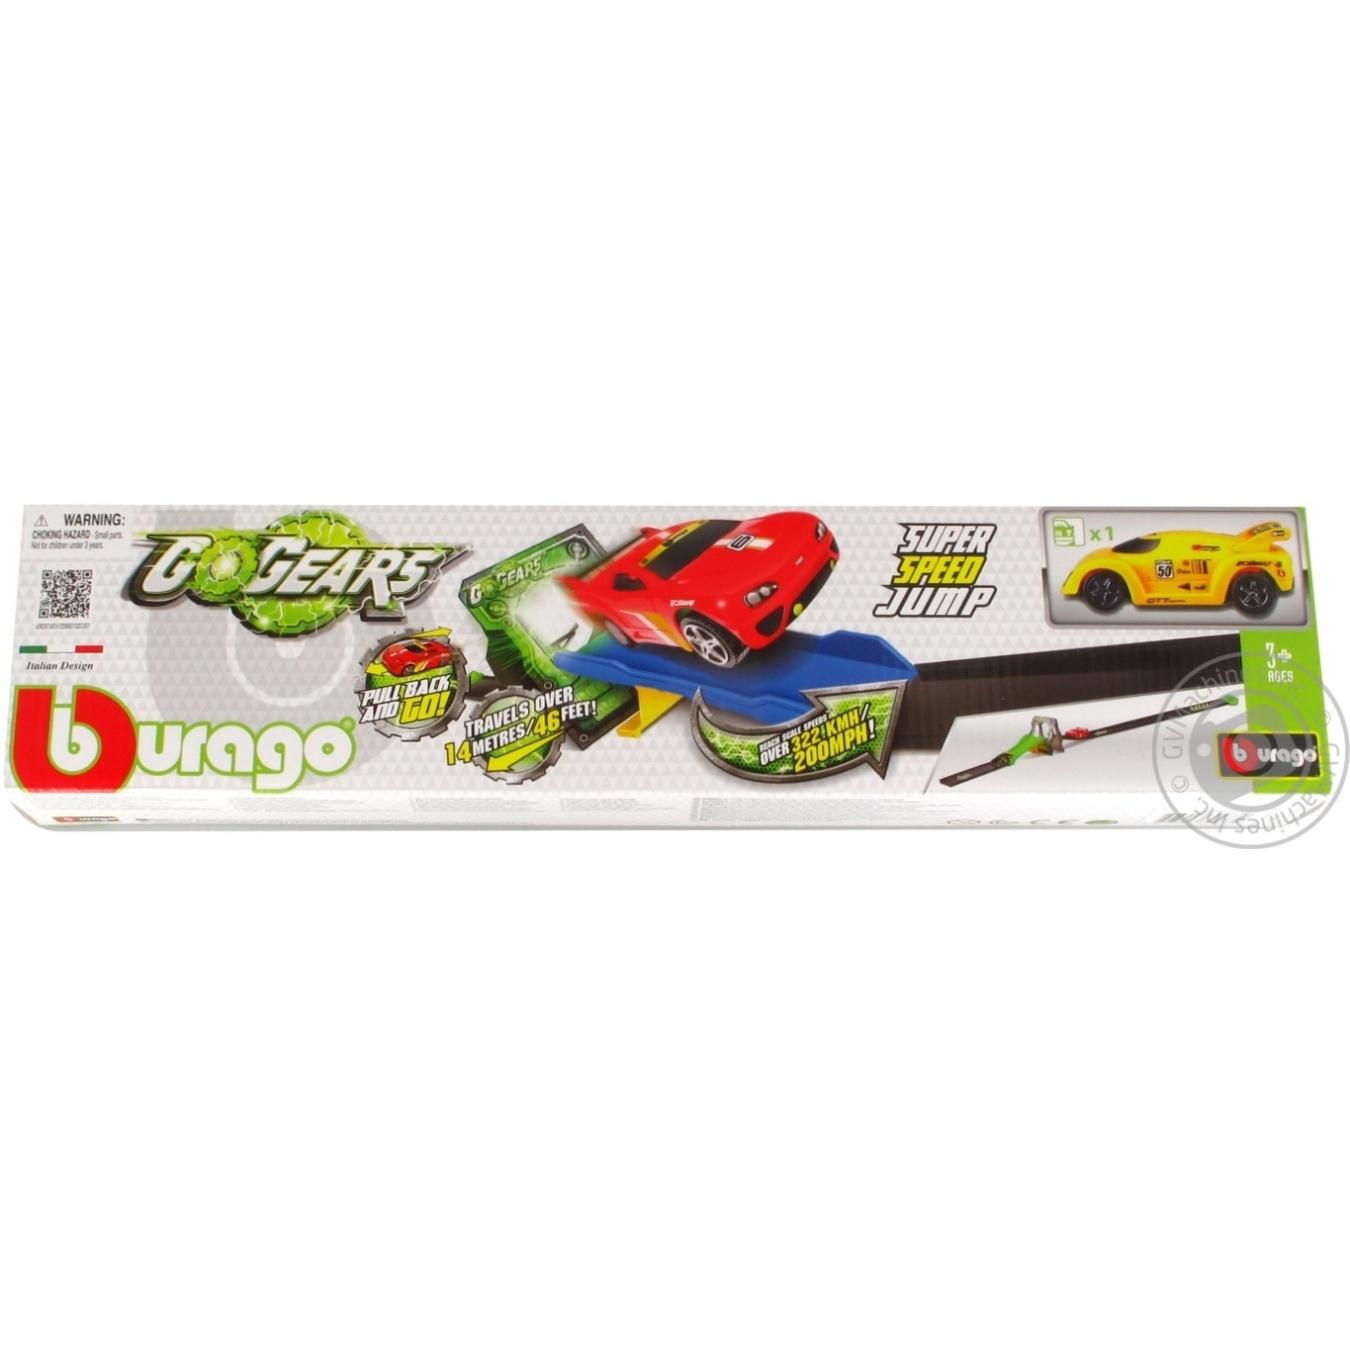 Набор Bburago GoGears скоростной прыжок